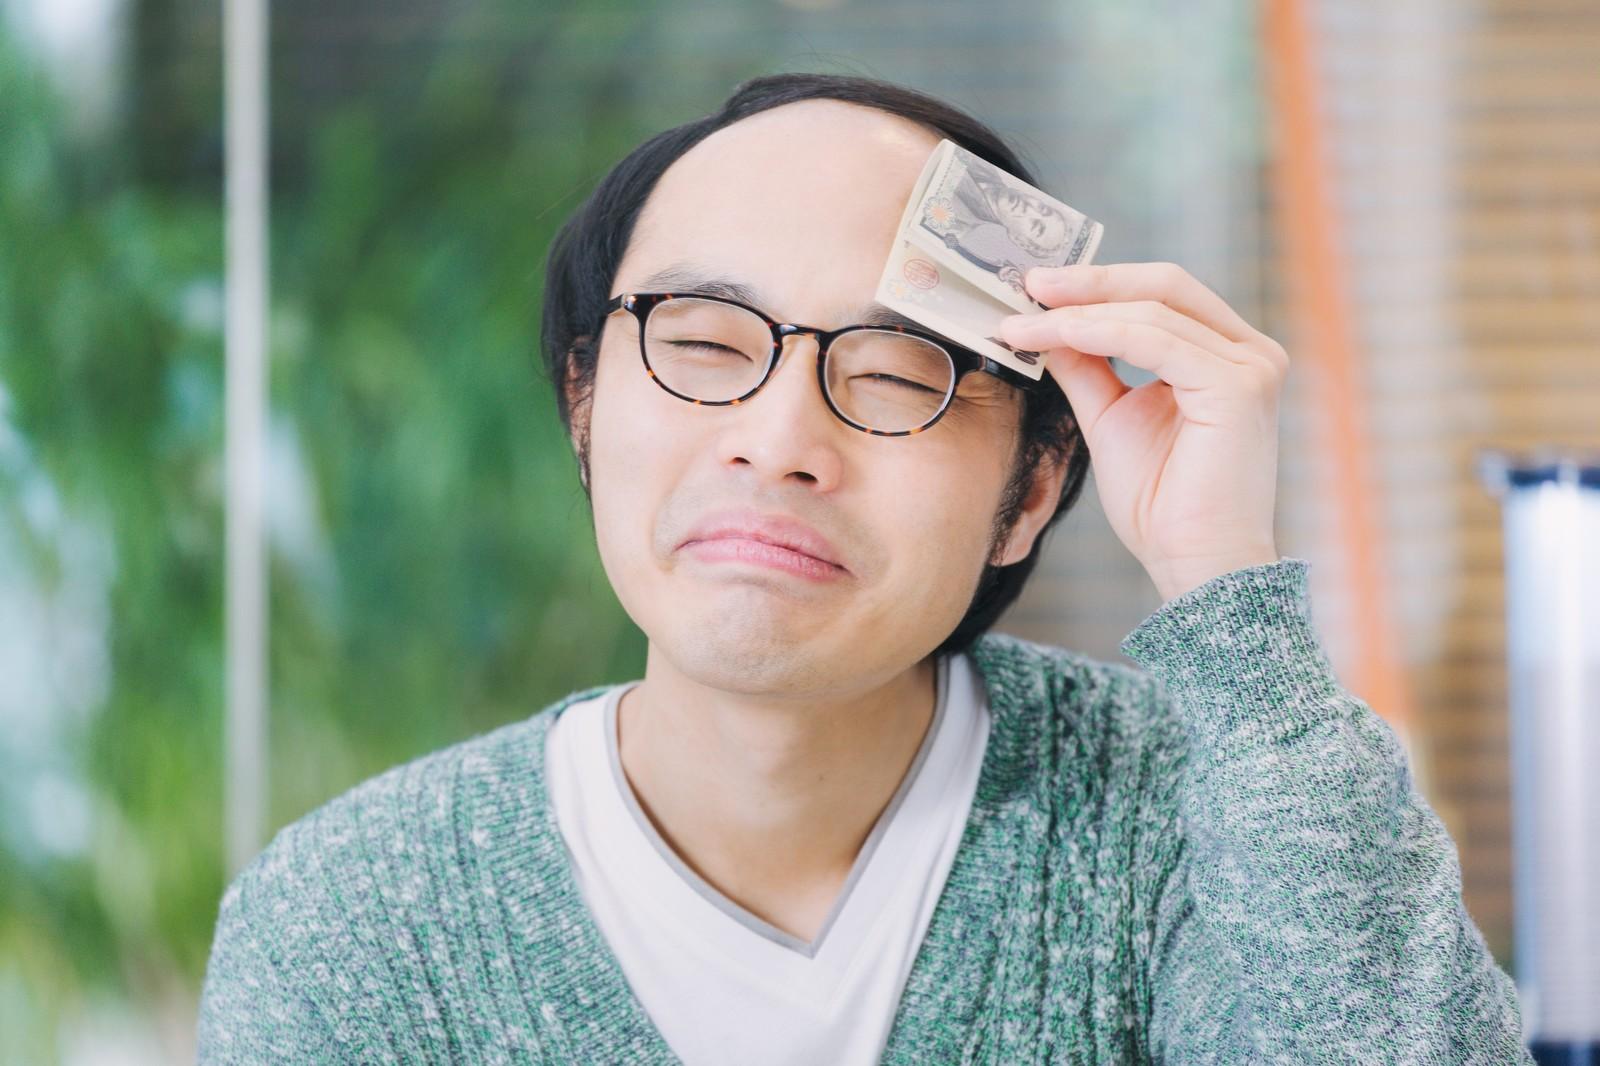 【不労所得: 20,757円】  配当・副業収入 2017年2月分確定です